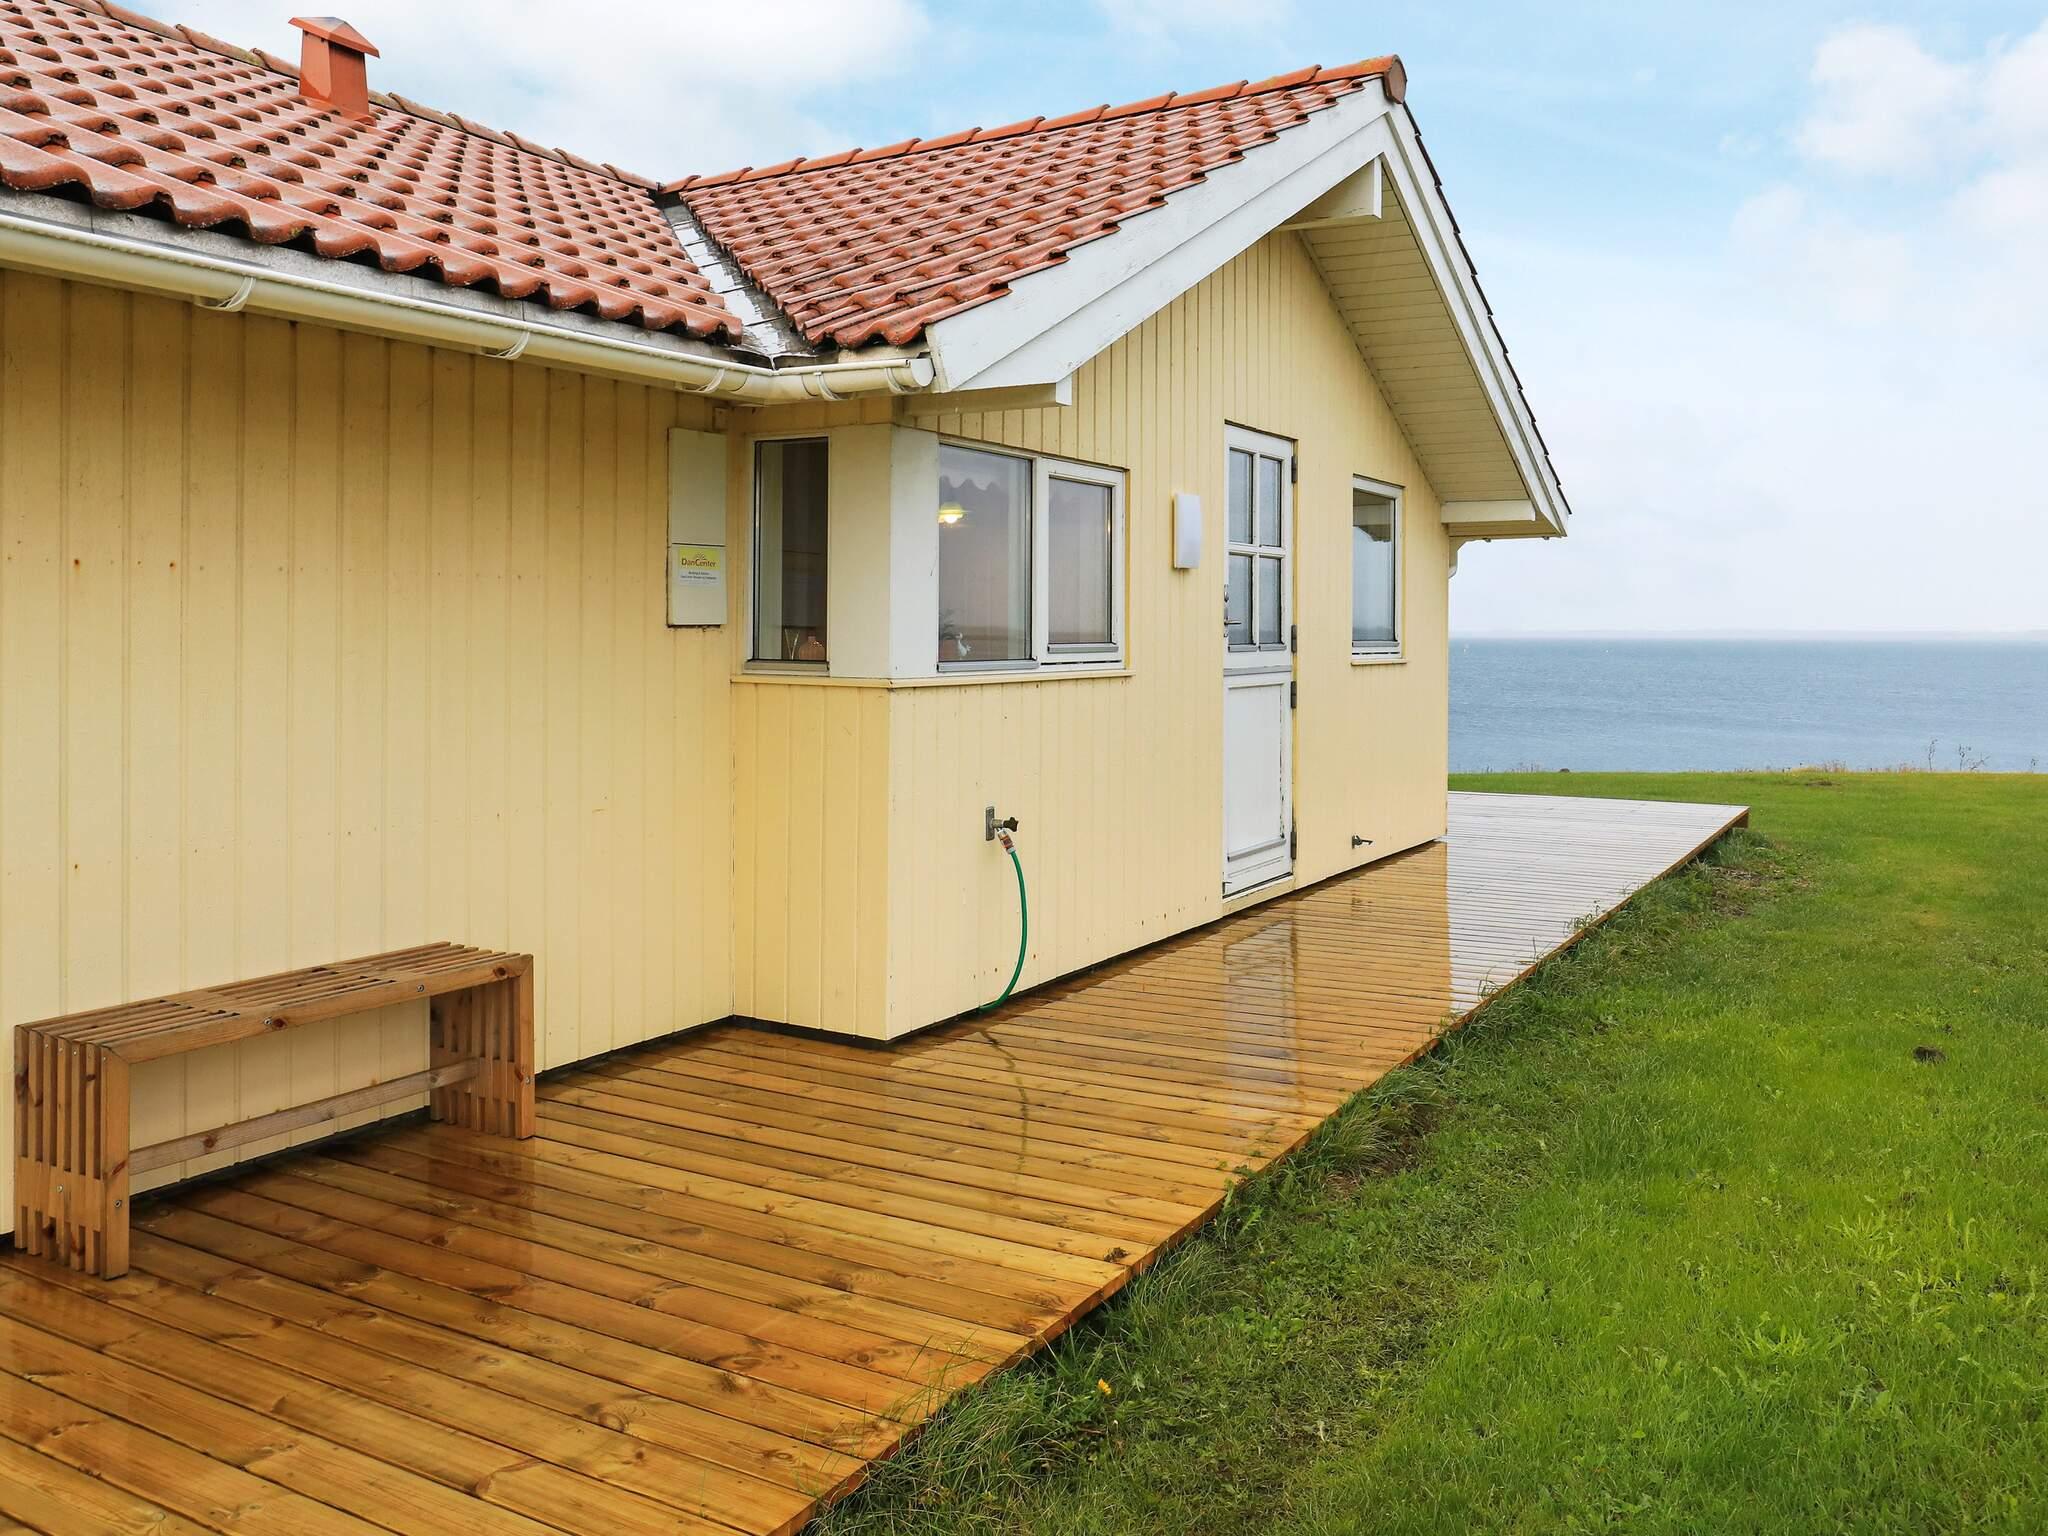 Ferienhaus Handbjerg (331046), Handbjerg, , Westjütland, Dänemark, Bild 15